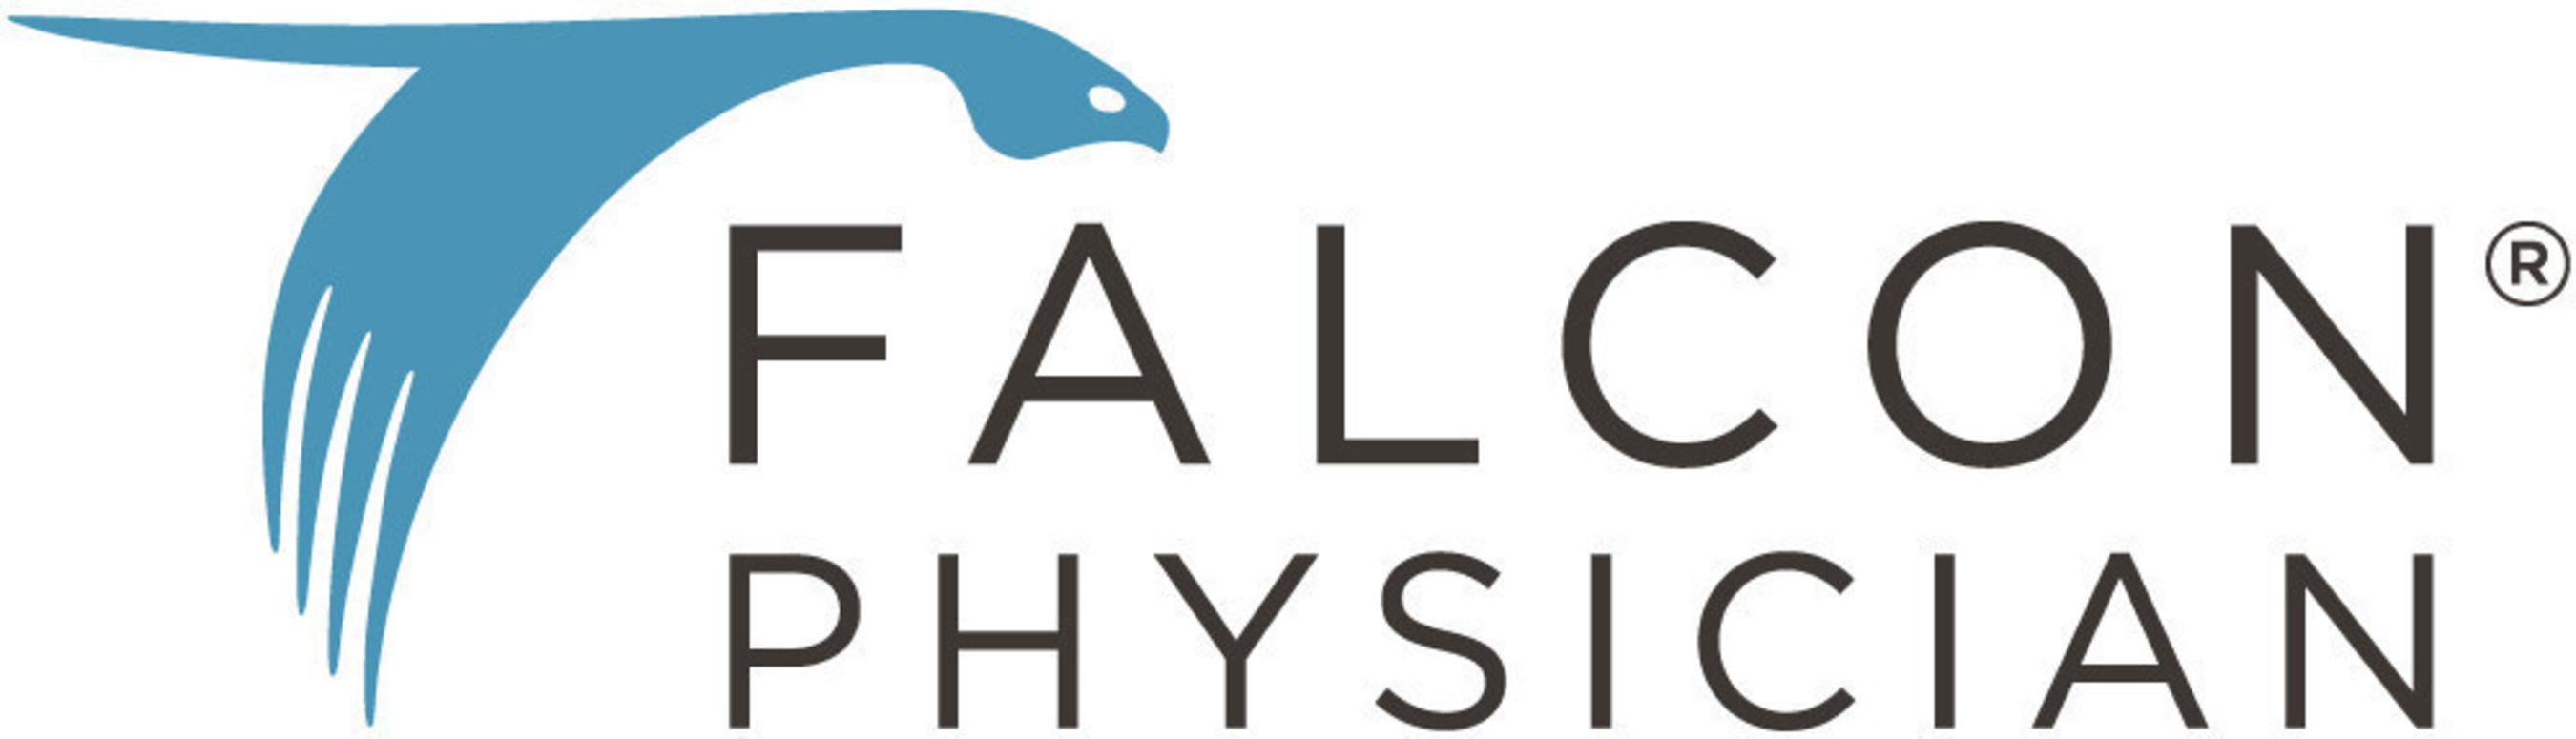 Falcon Physician logo.